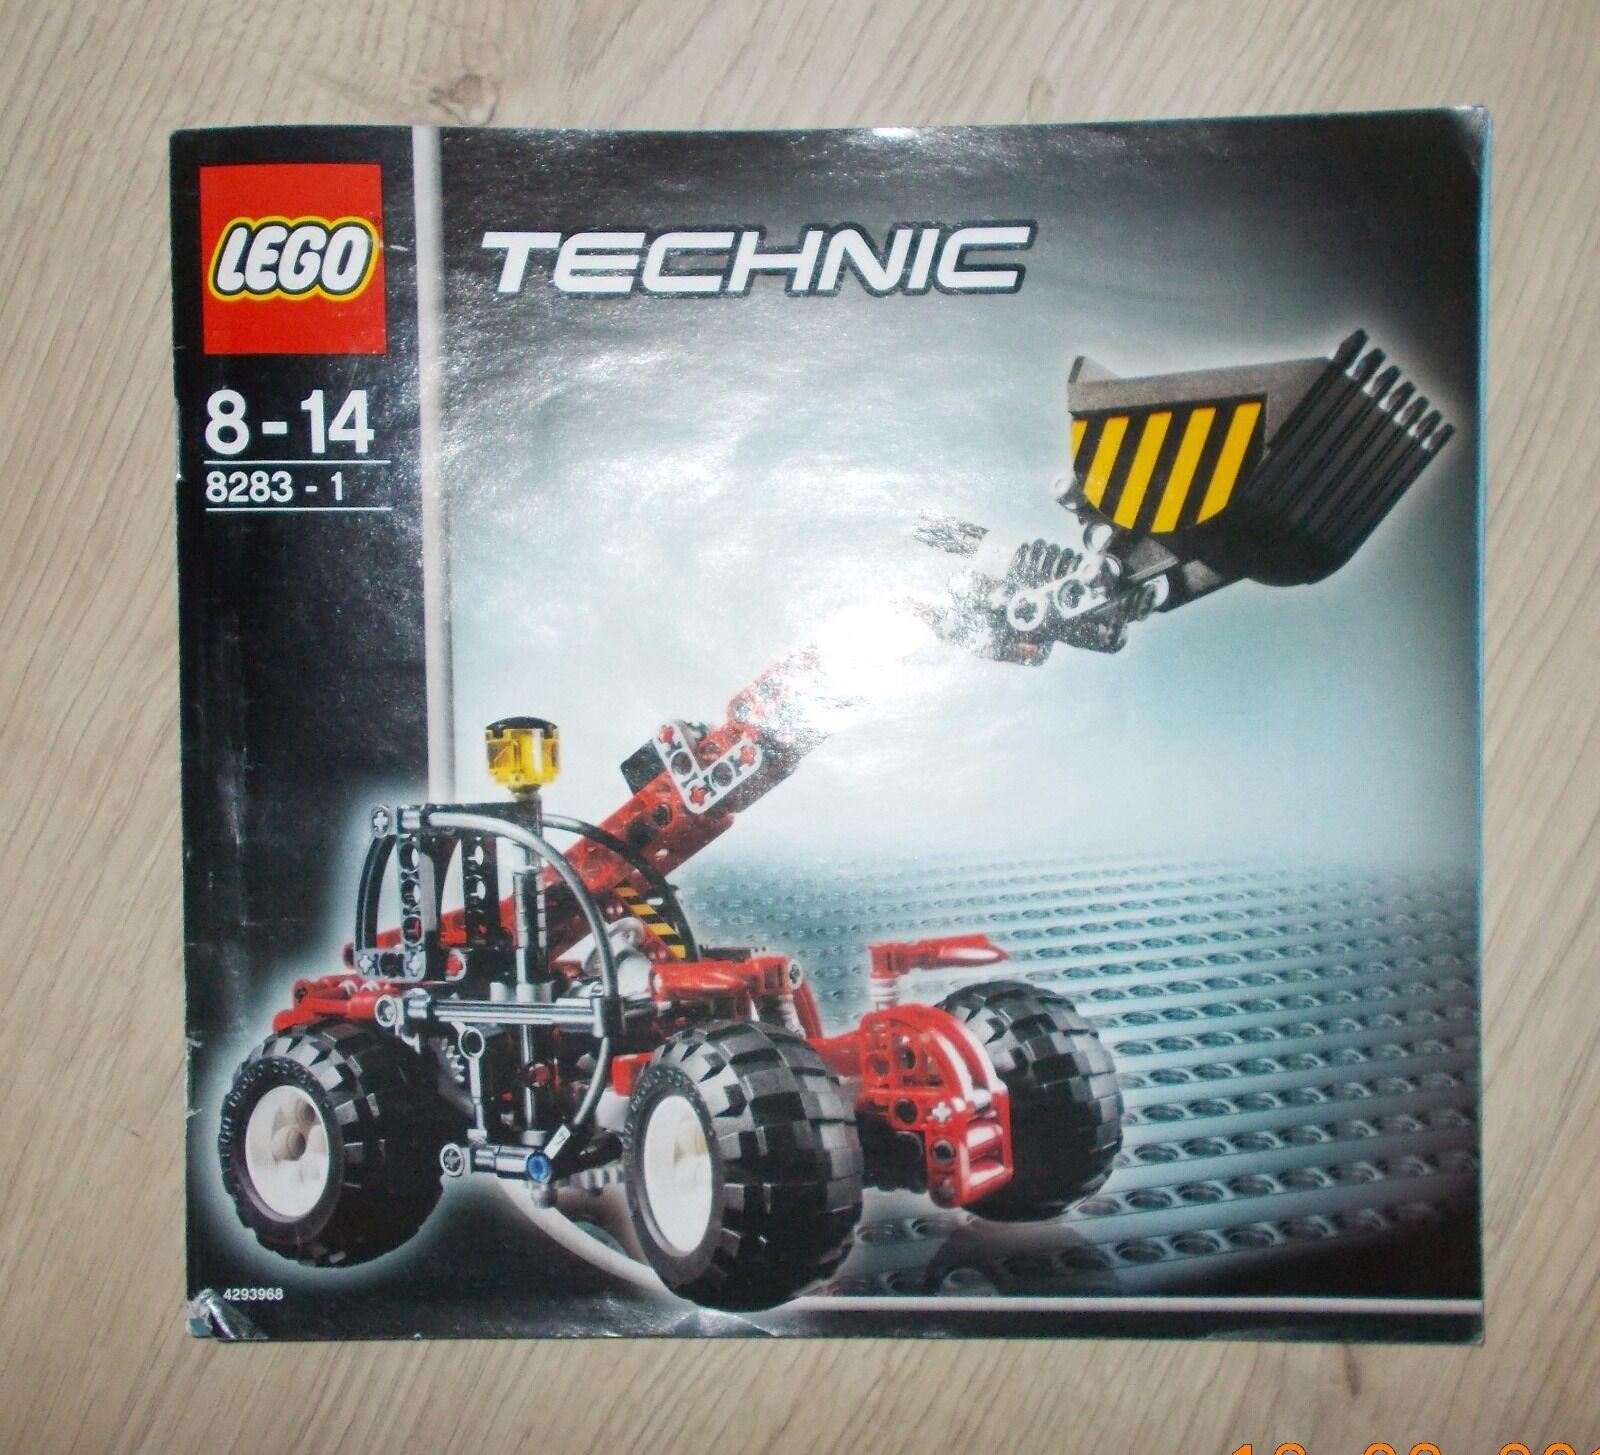 Lego Technik Teleskop Lader 8 - 14  8283 - 1 gebraucht